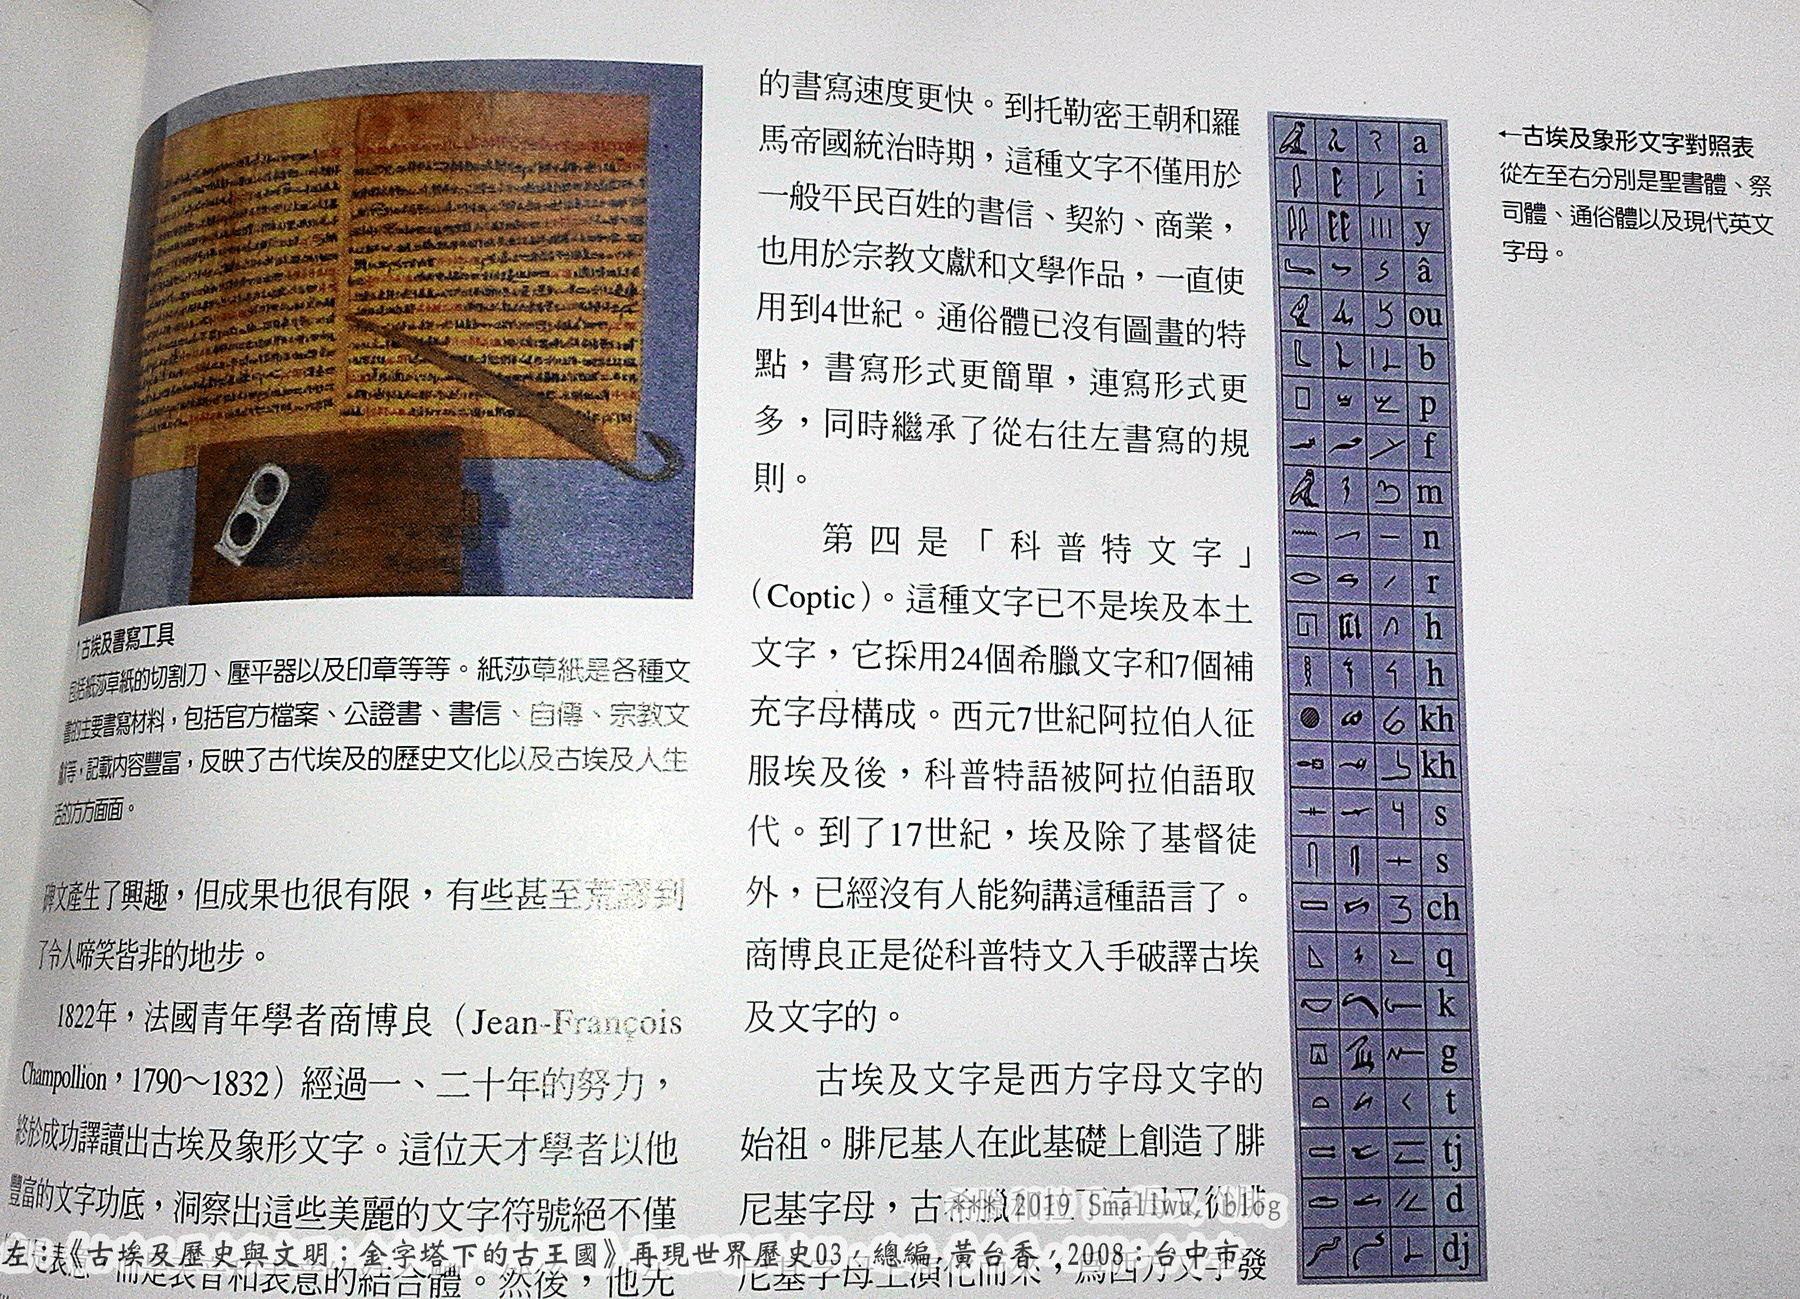 再現世界歷史3-古埃及歷史與文明_03 埃及象形文字-聖書體 祭司體 通俗體.jpg